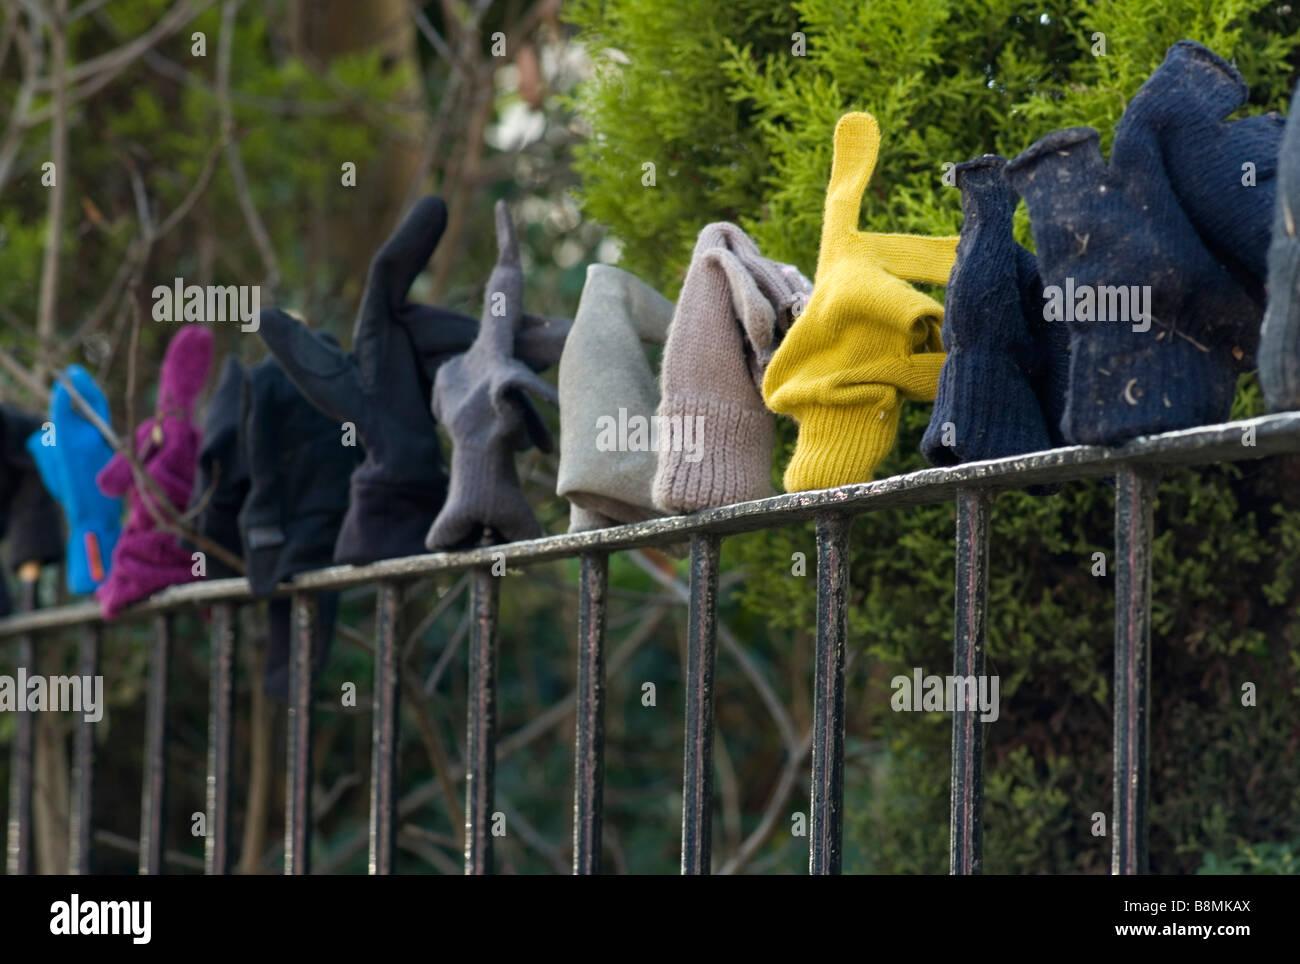 Verloren Handschuhe auf einem Geländer UK Stockbild